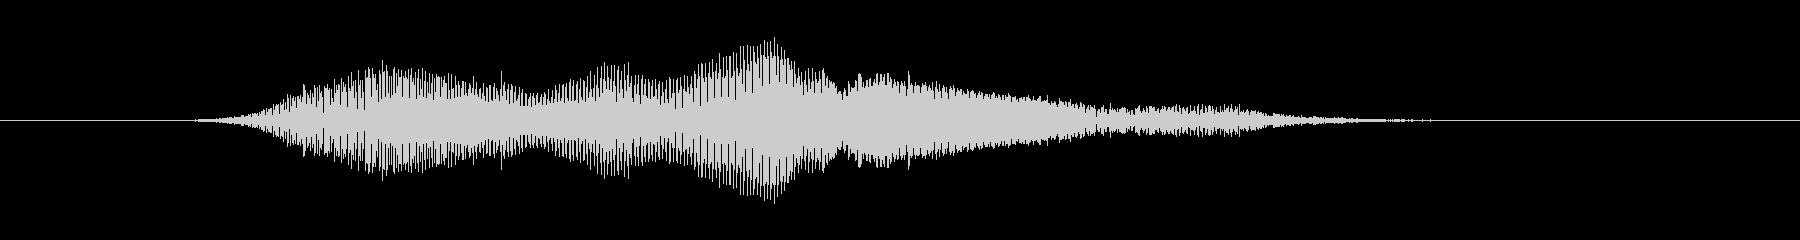 ぐぁー 's unreproduced waveform